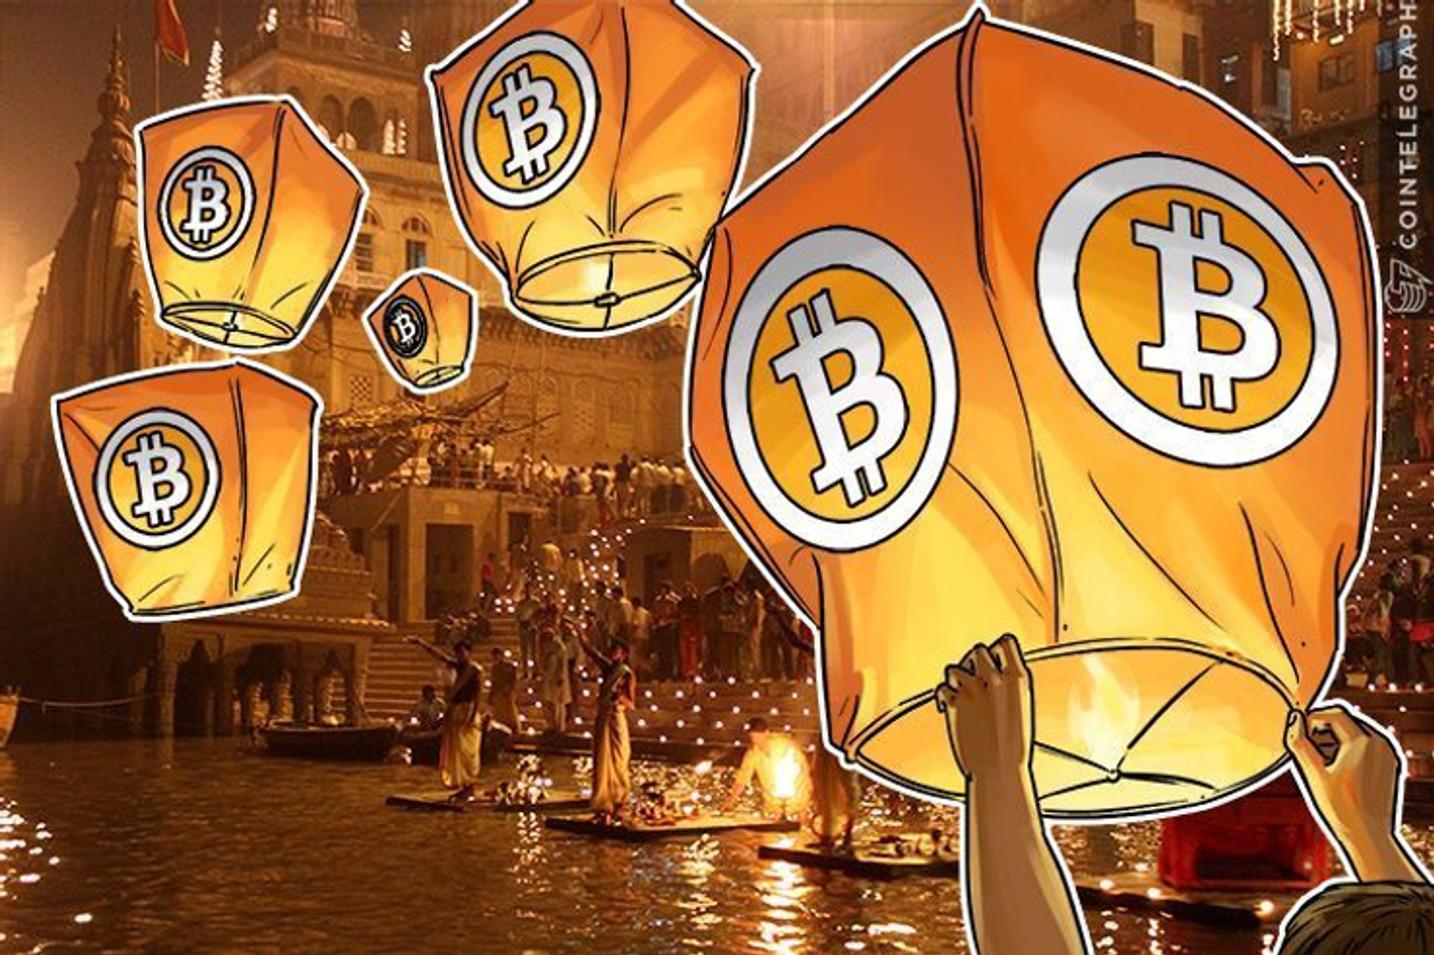 Bitcoin sobe quase 7%, passa de US$ 8.500 e analistas já alegam que BTC pode romper US$ 10 mil em breve